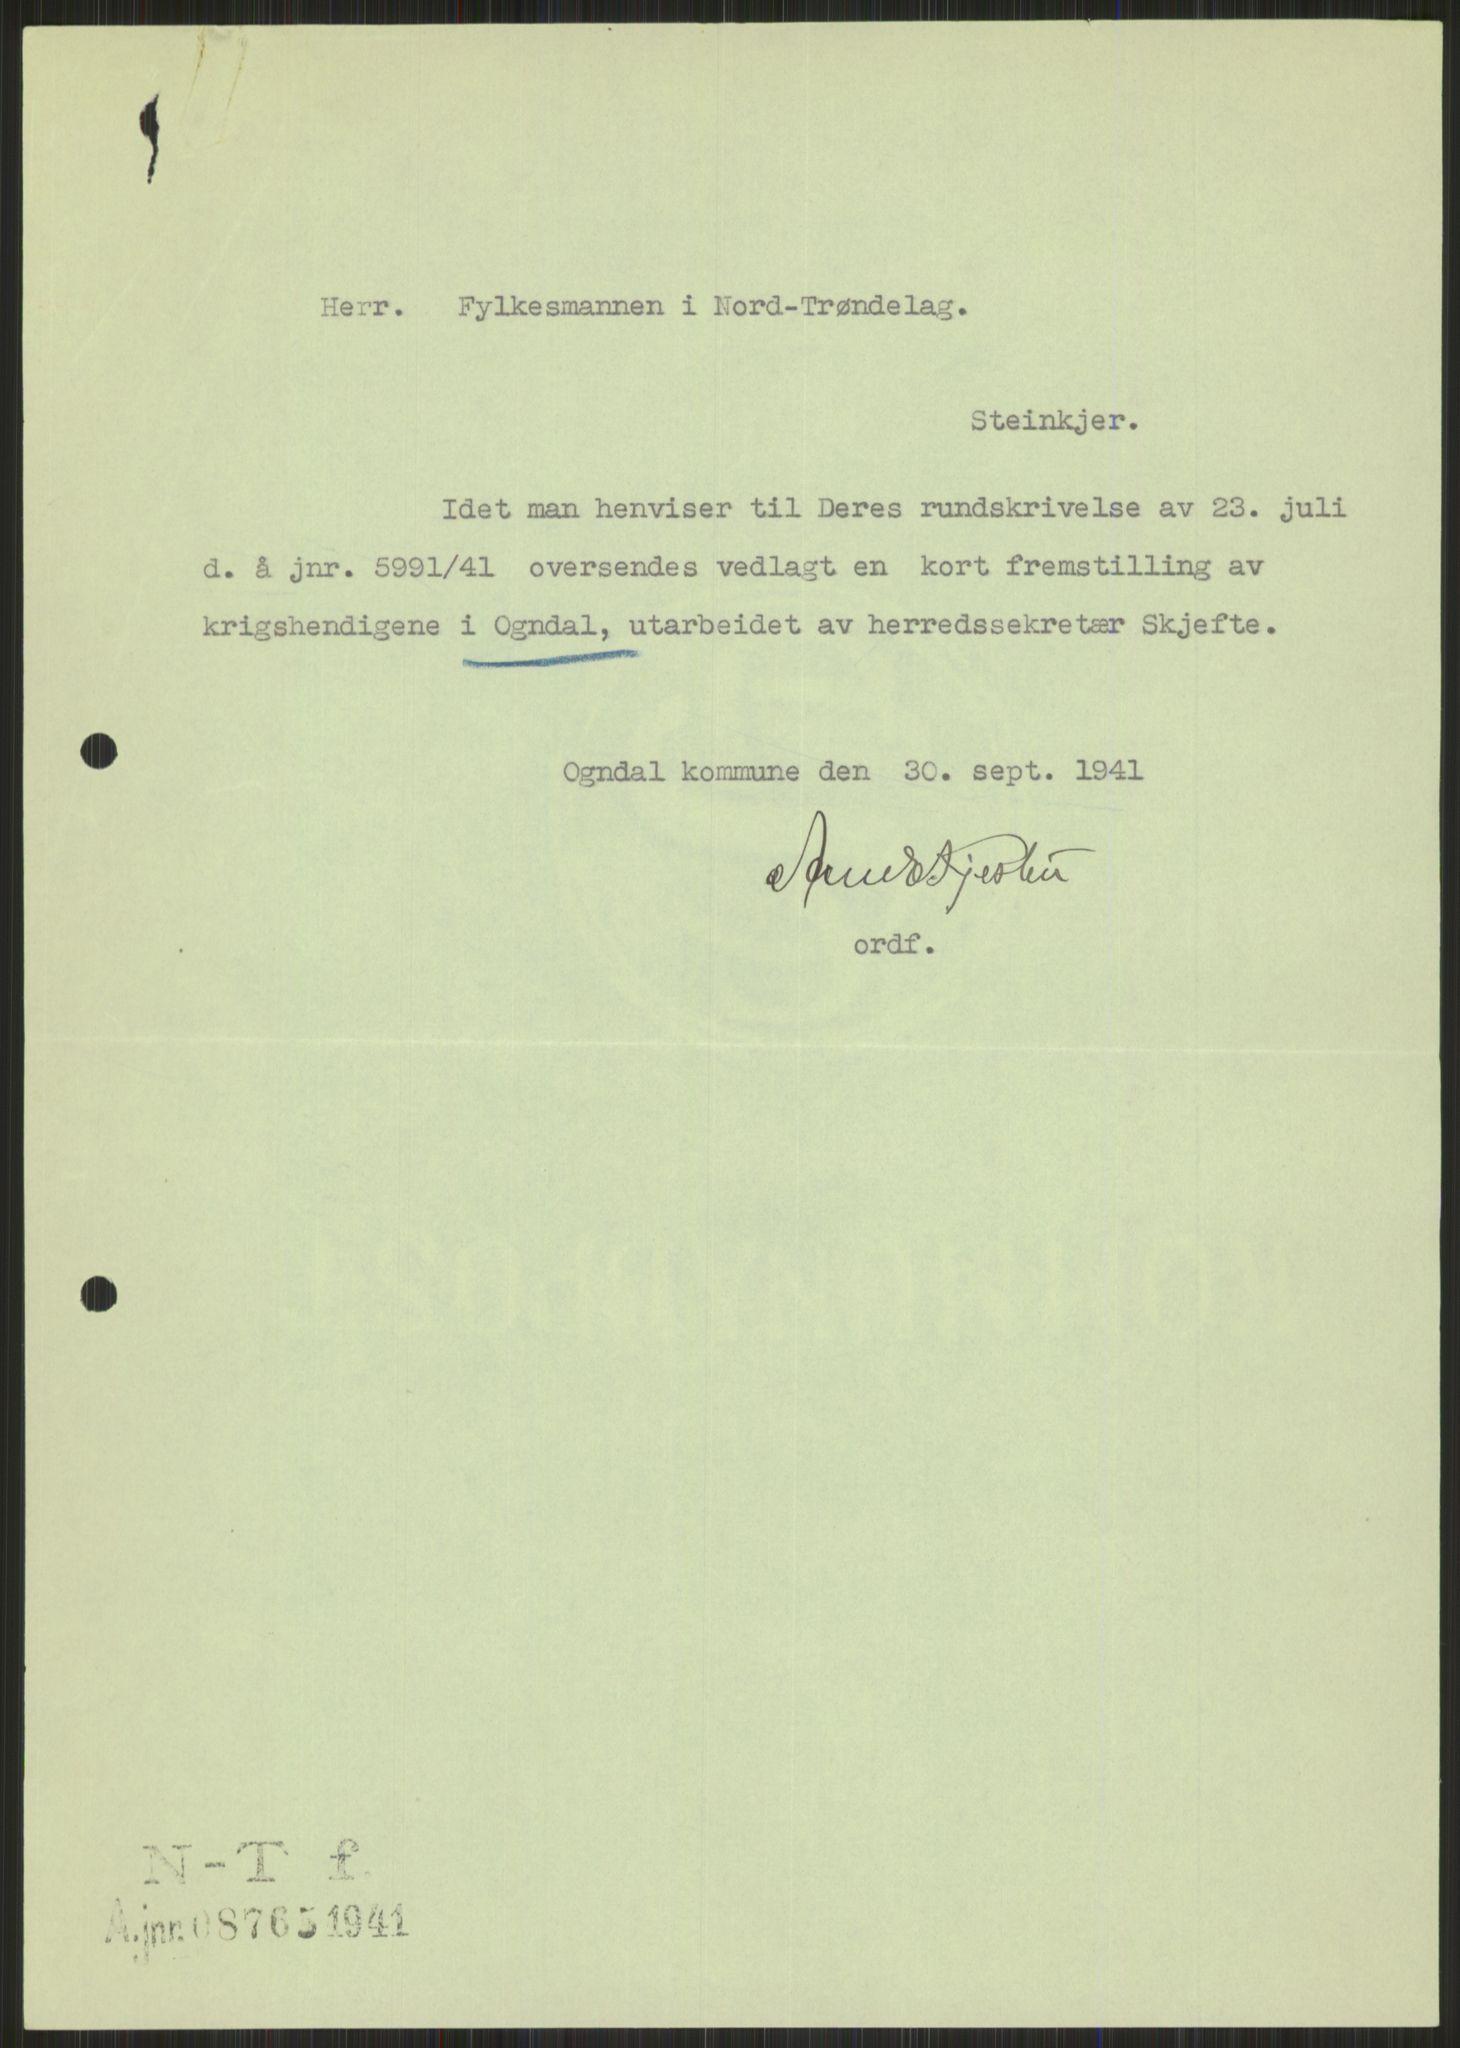 RA, Forsvaret, Forsvarets krigshistoriske avdeling, Y/Ya/L0016: II-C-11-31 - Fylkesmenn.  Rapporter om krigsbegivenhetene 1940., 1940, s. 526